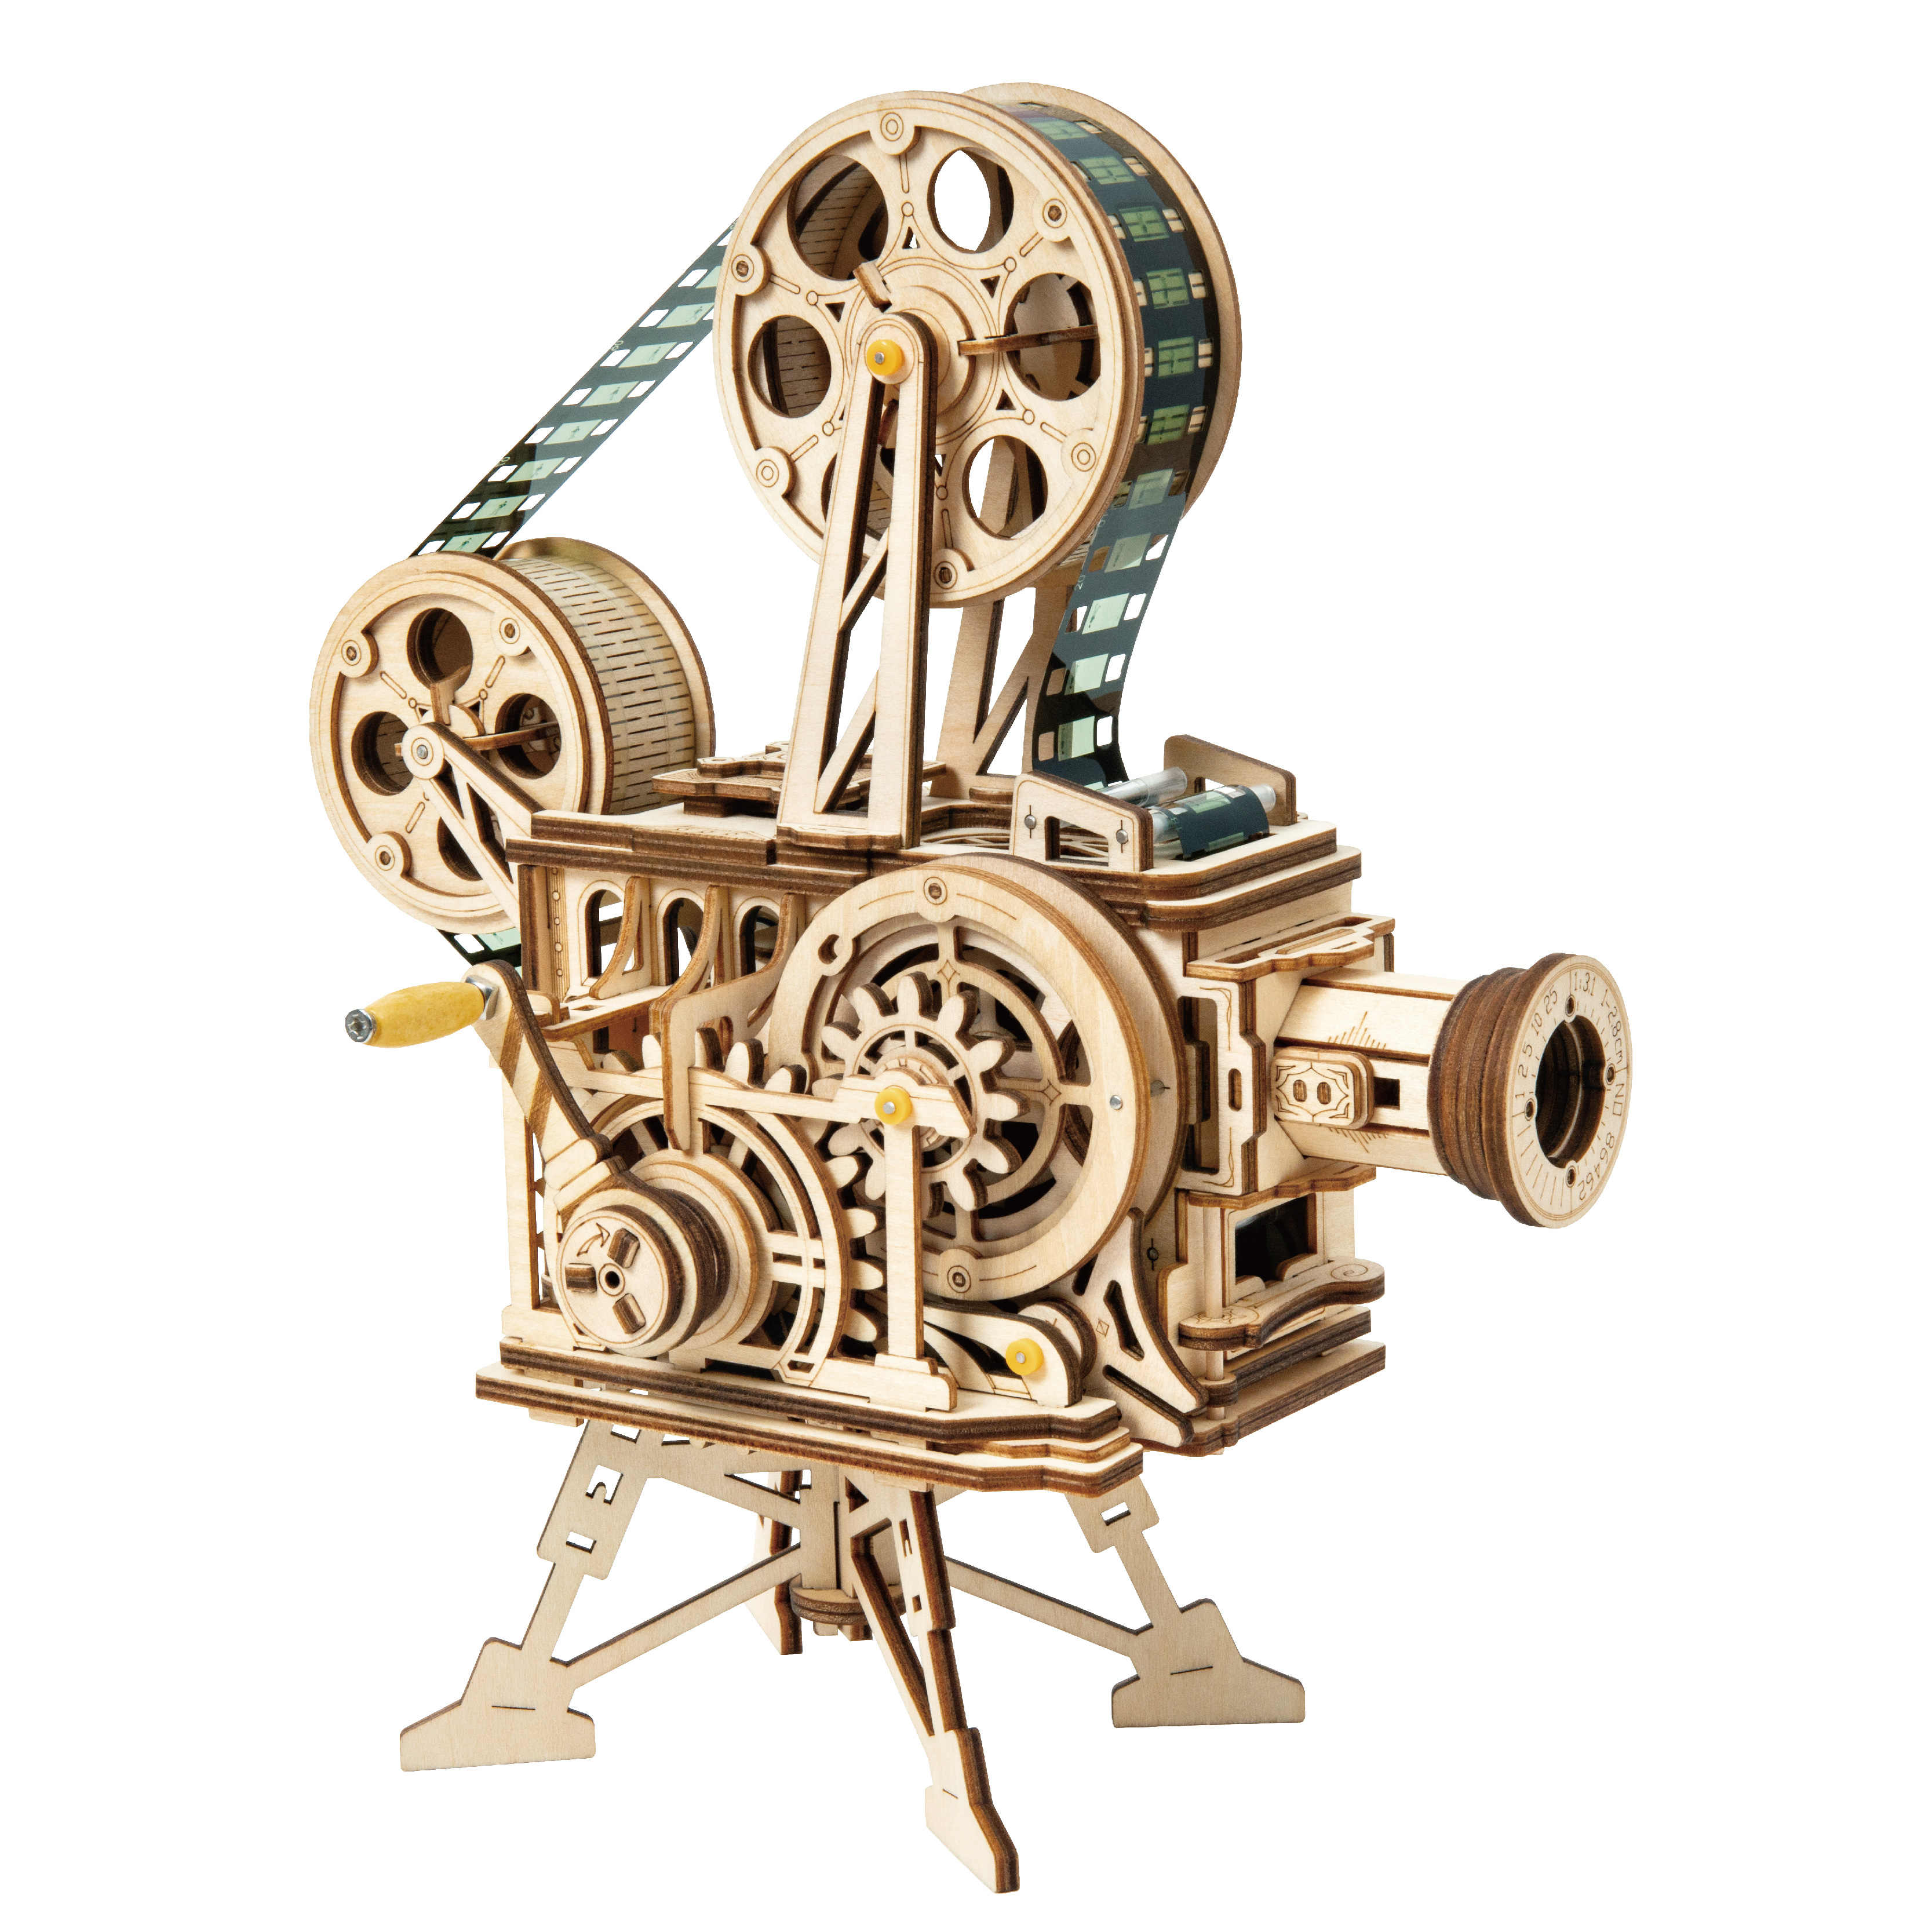 Robotime nowy zestaw klocków DIY mechaniczny Model 3D drewniane Puzzle projektor filmowy skarb kolejka zabawkowa dla dzieci LG/LK/AM